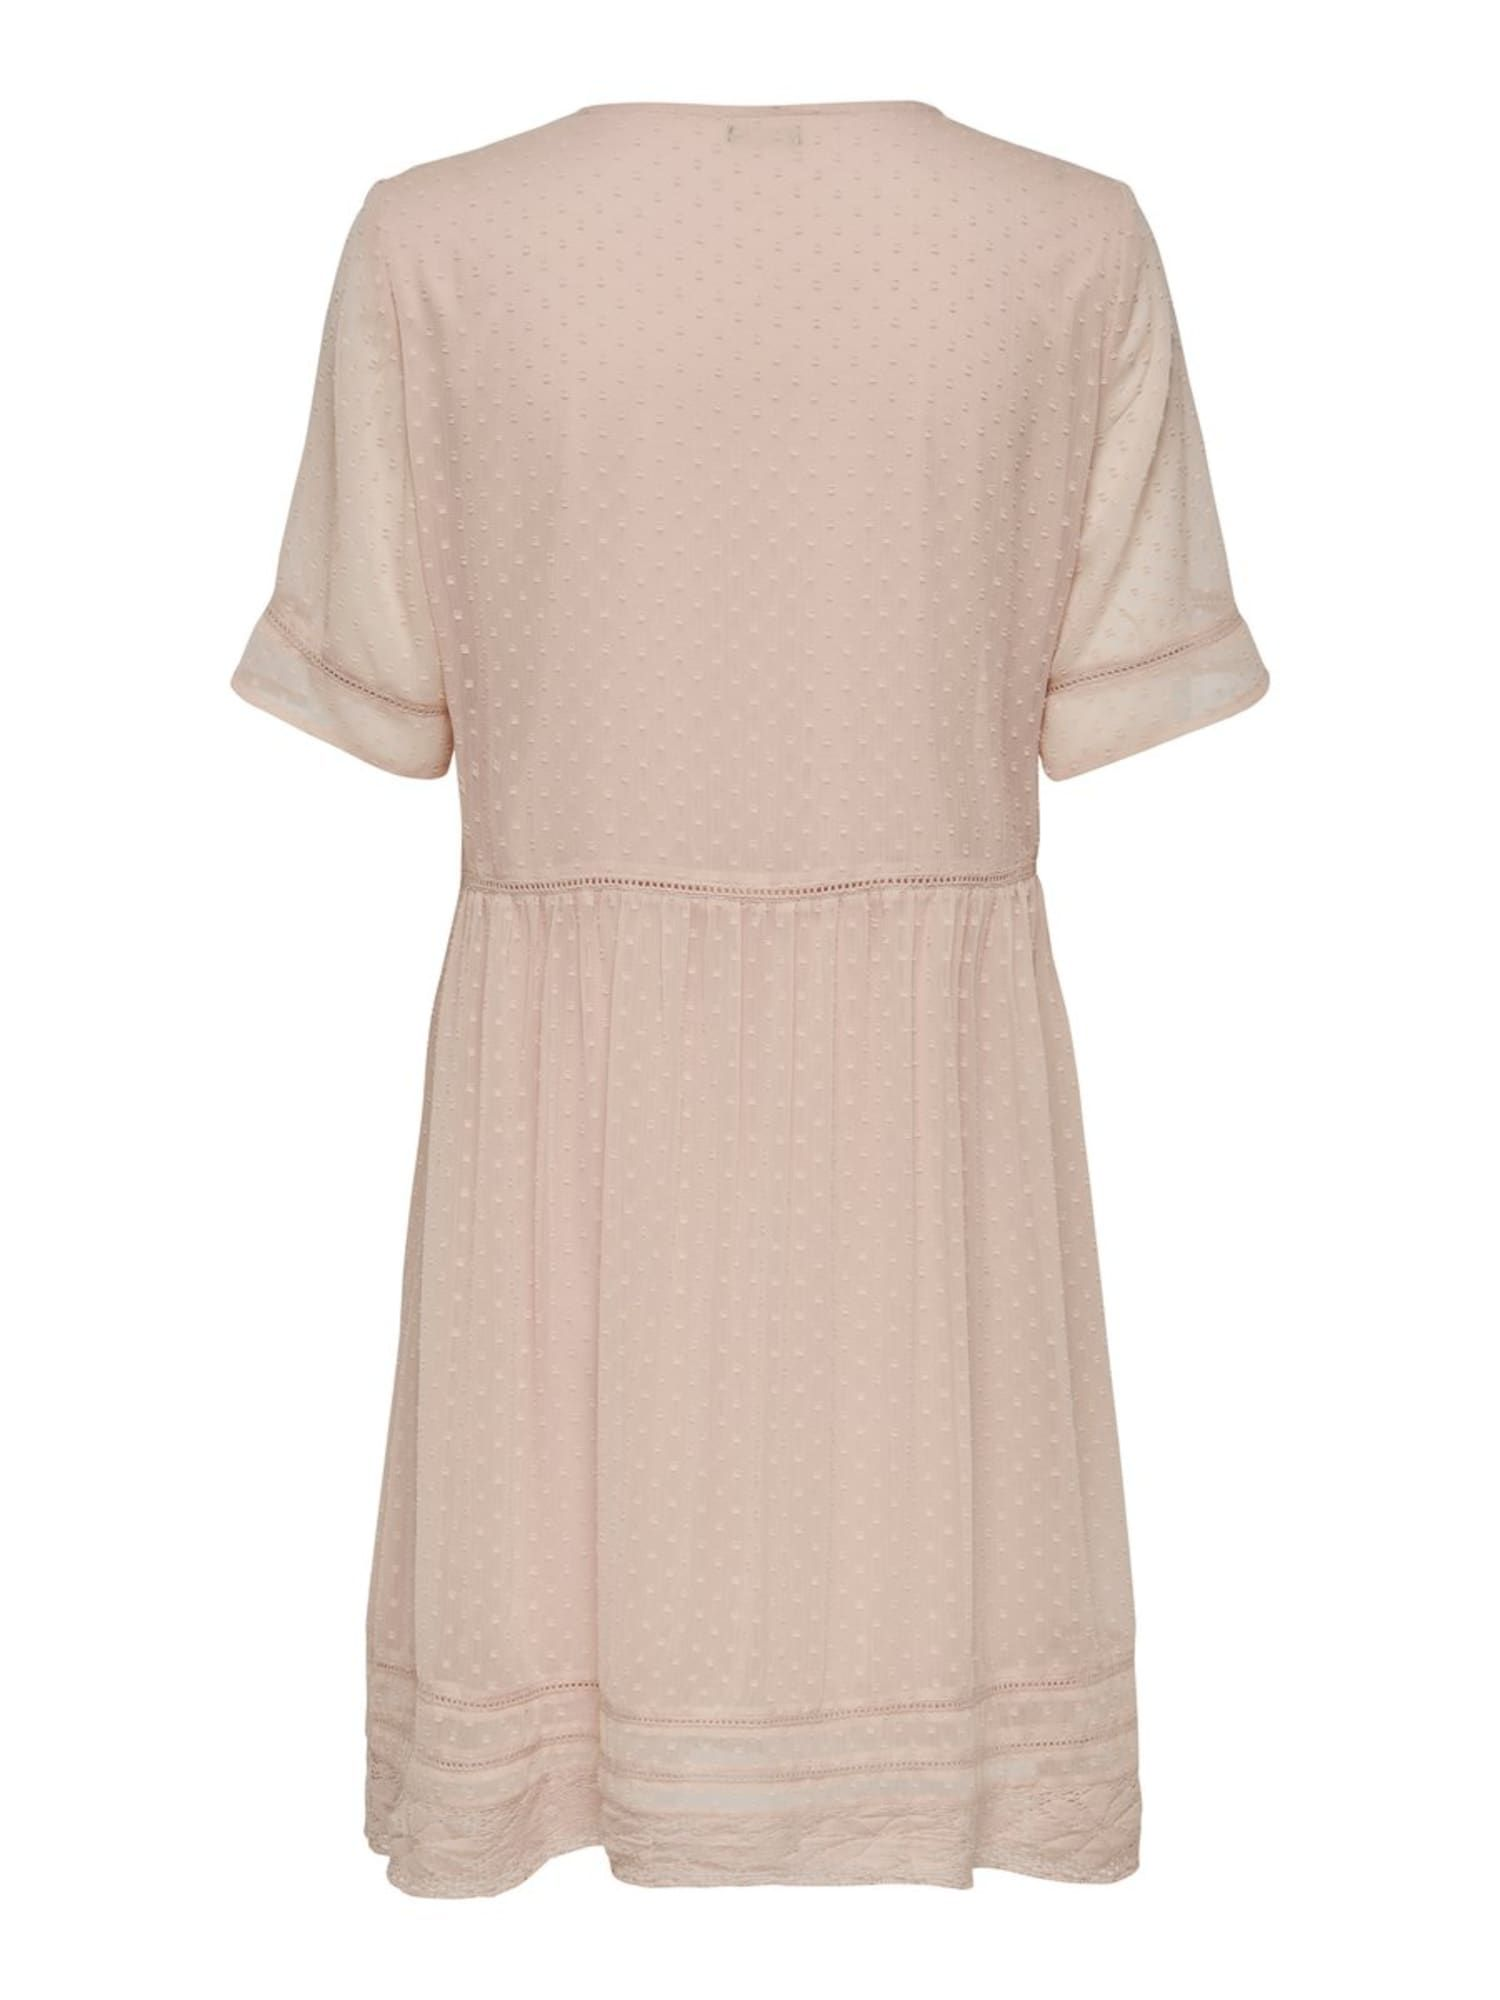 Only Kleid Damen Altrosa Grosse 40 Only Kleid Kleider Und Damen